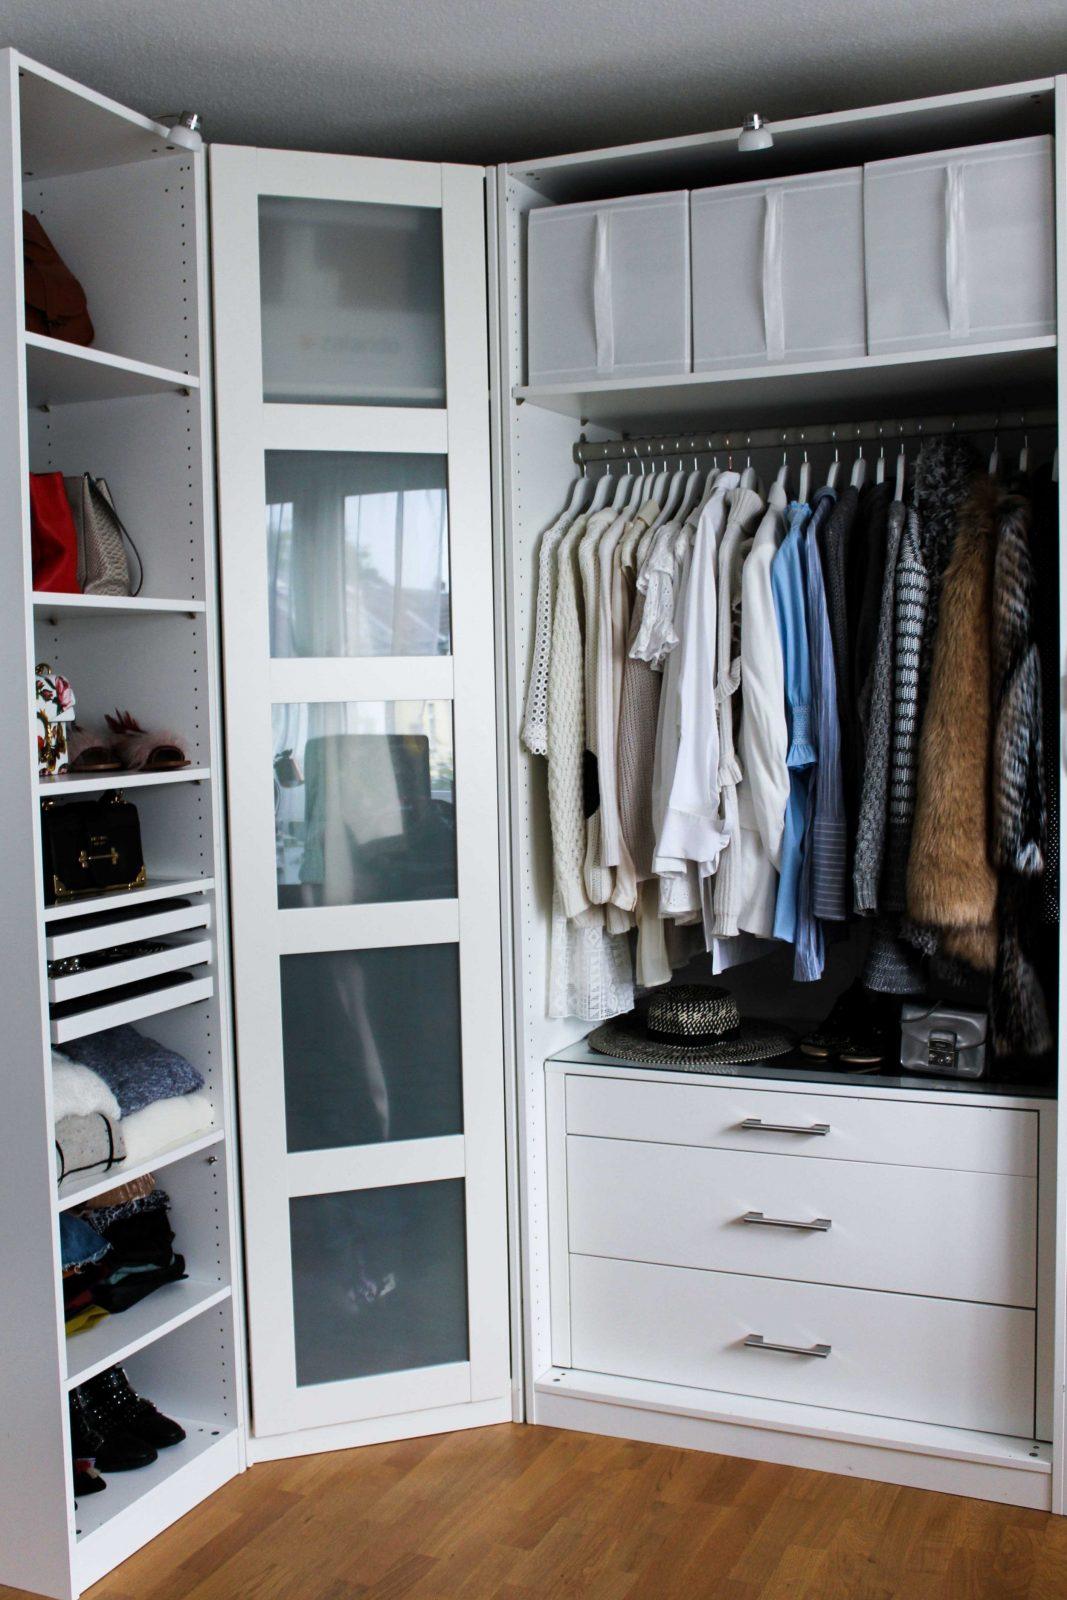 Wohnideen  Ikea Kleiderschrank Weis Hochglanz Und Schön von Ikea Pax Weiß Hochglanz Photo